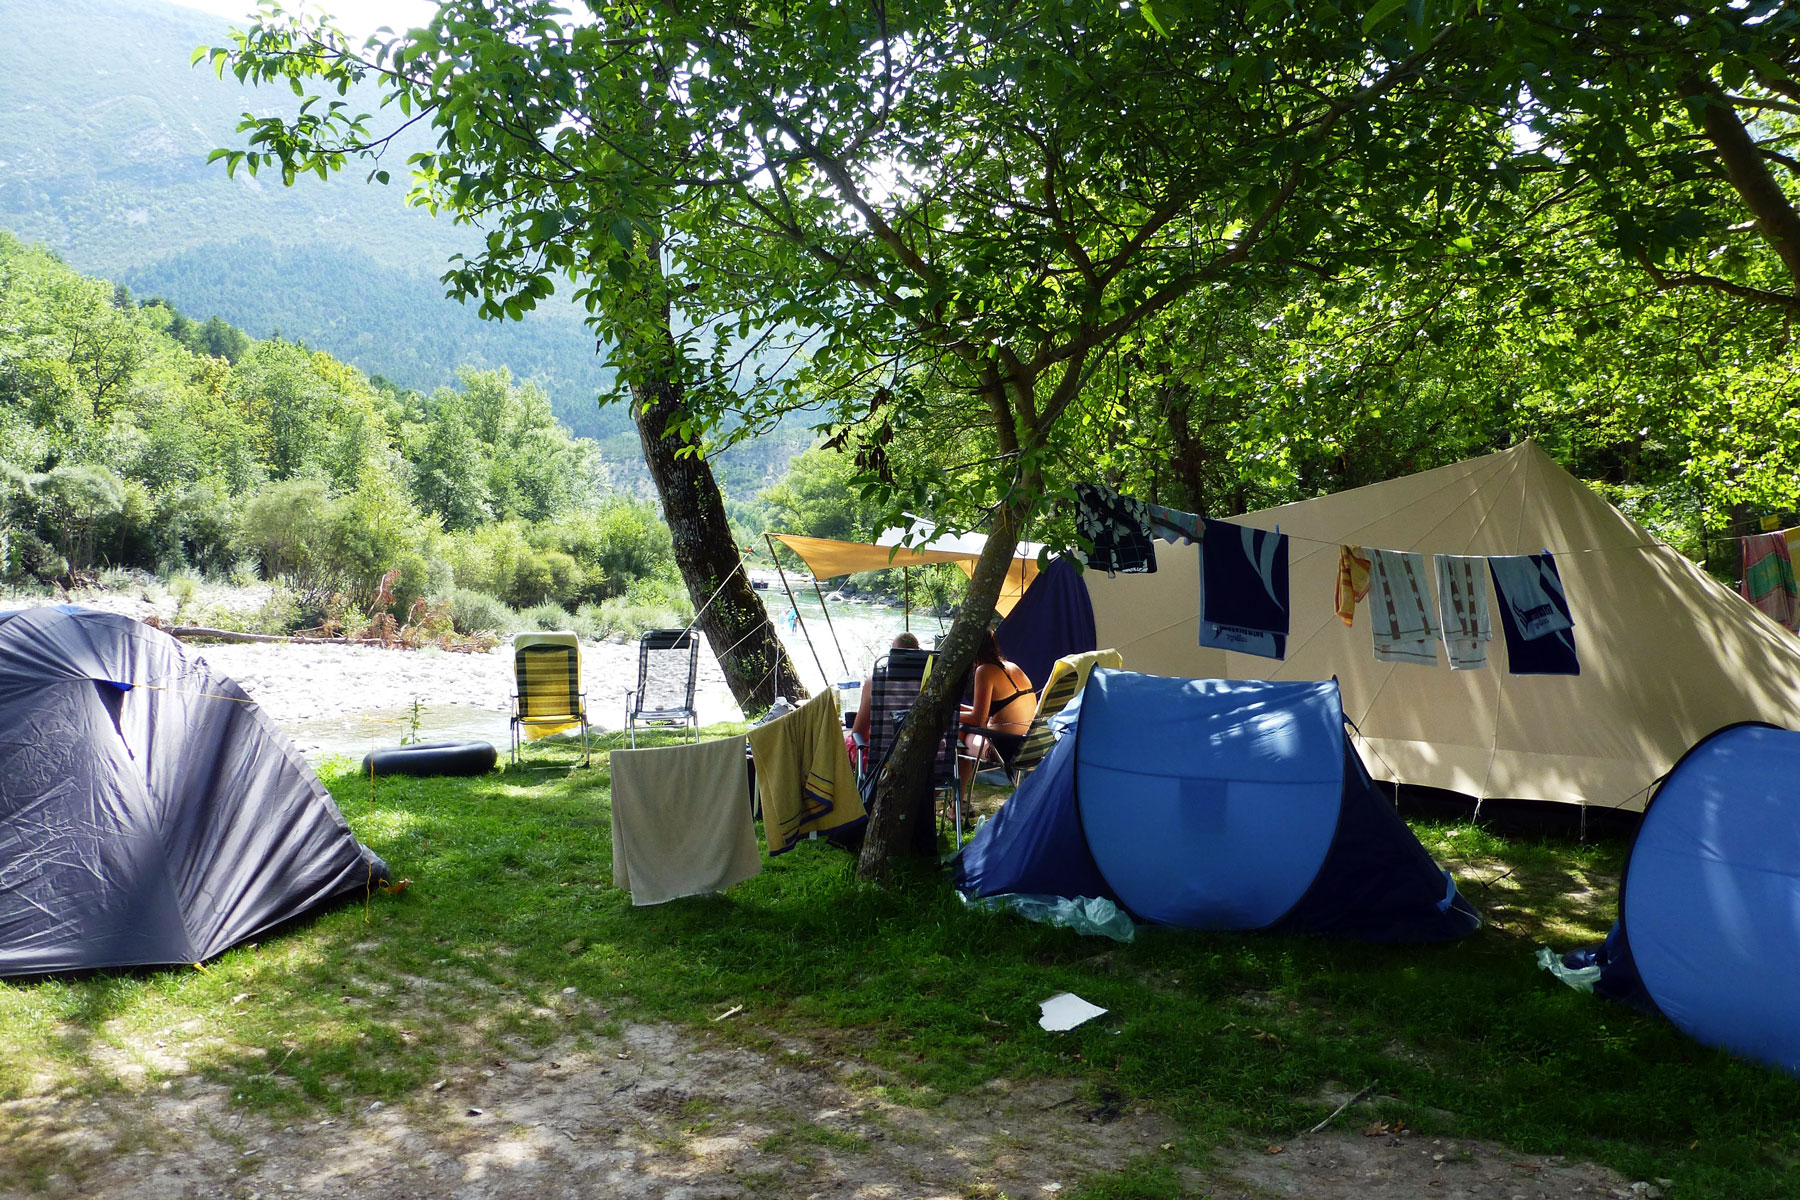 Camping in Natuurpark